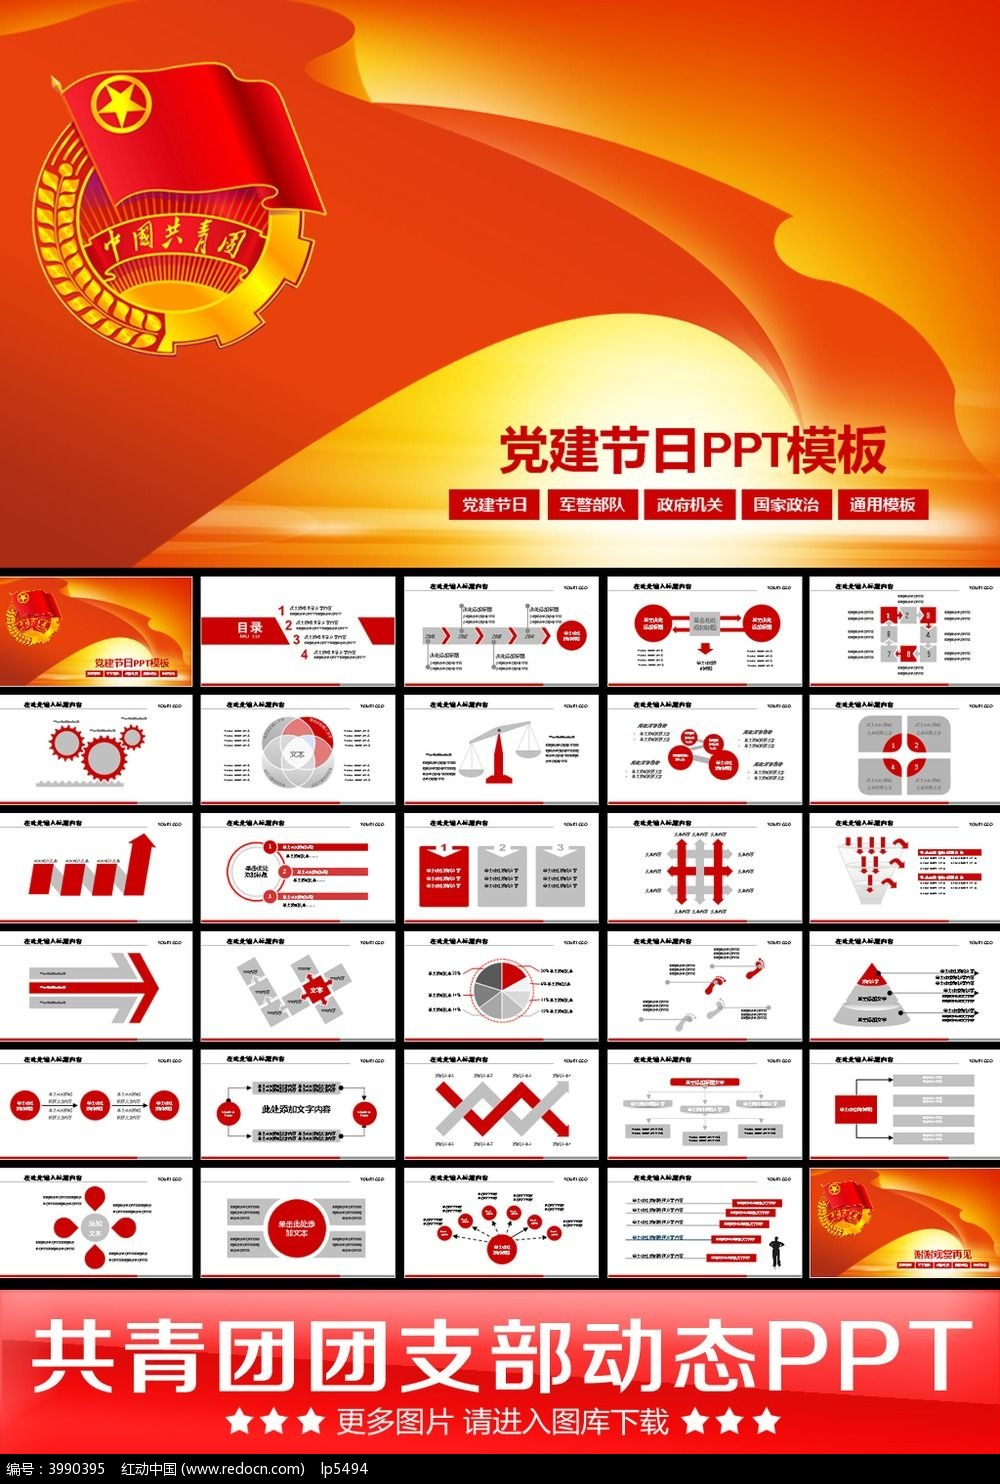 原创设计稿 ppt模板/ppt背景图片 政府党建ppt 共青团委年ppt模板图片